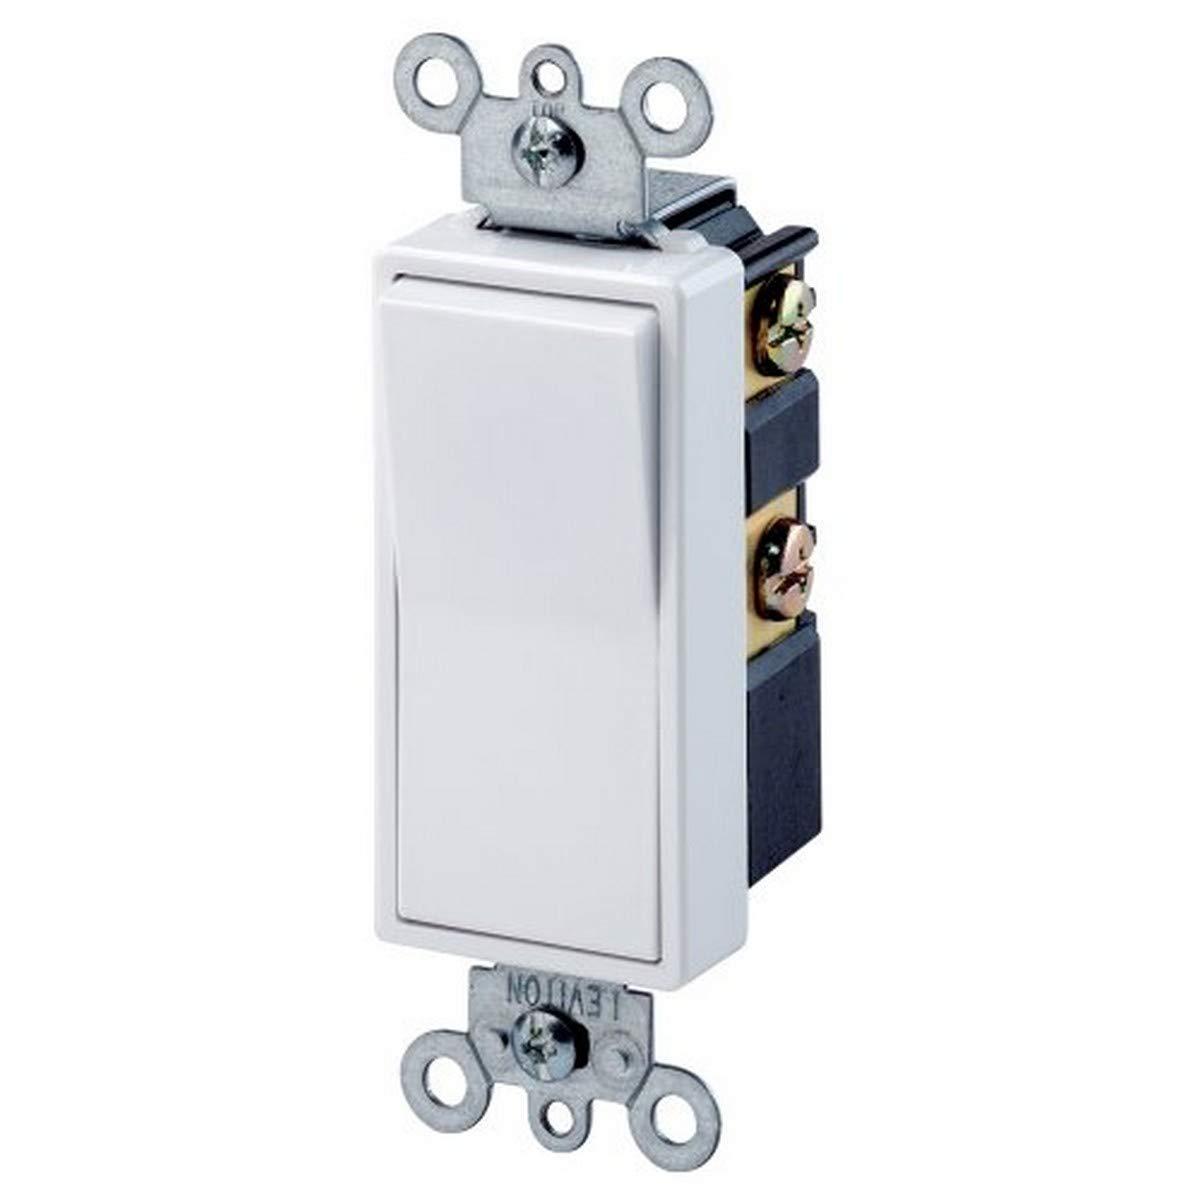 25% OFF Leviton 5604-2W 15 Amp 120 Max 45% OFF 277 Decora Qui 4-Way Rocker AC Volt